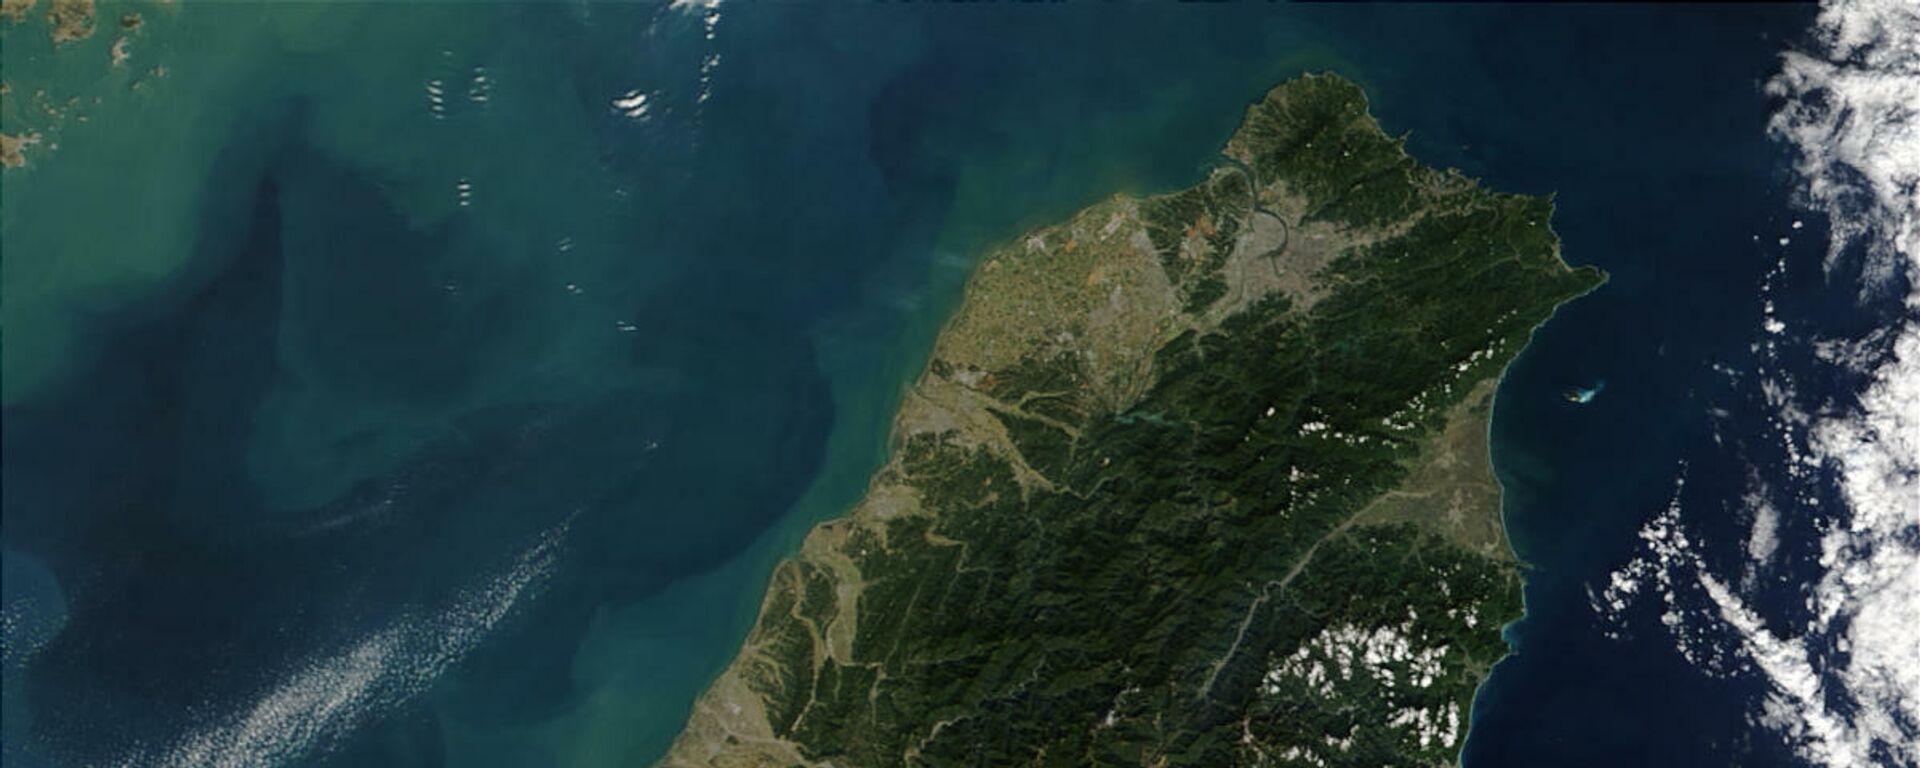 Imagen satelital de Taiwán - Sputnik Mundo, 1920, 09.07.2021